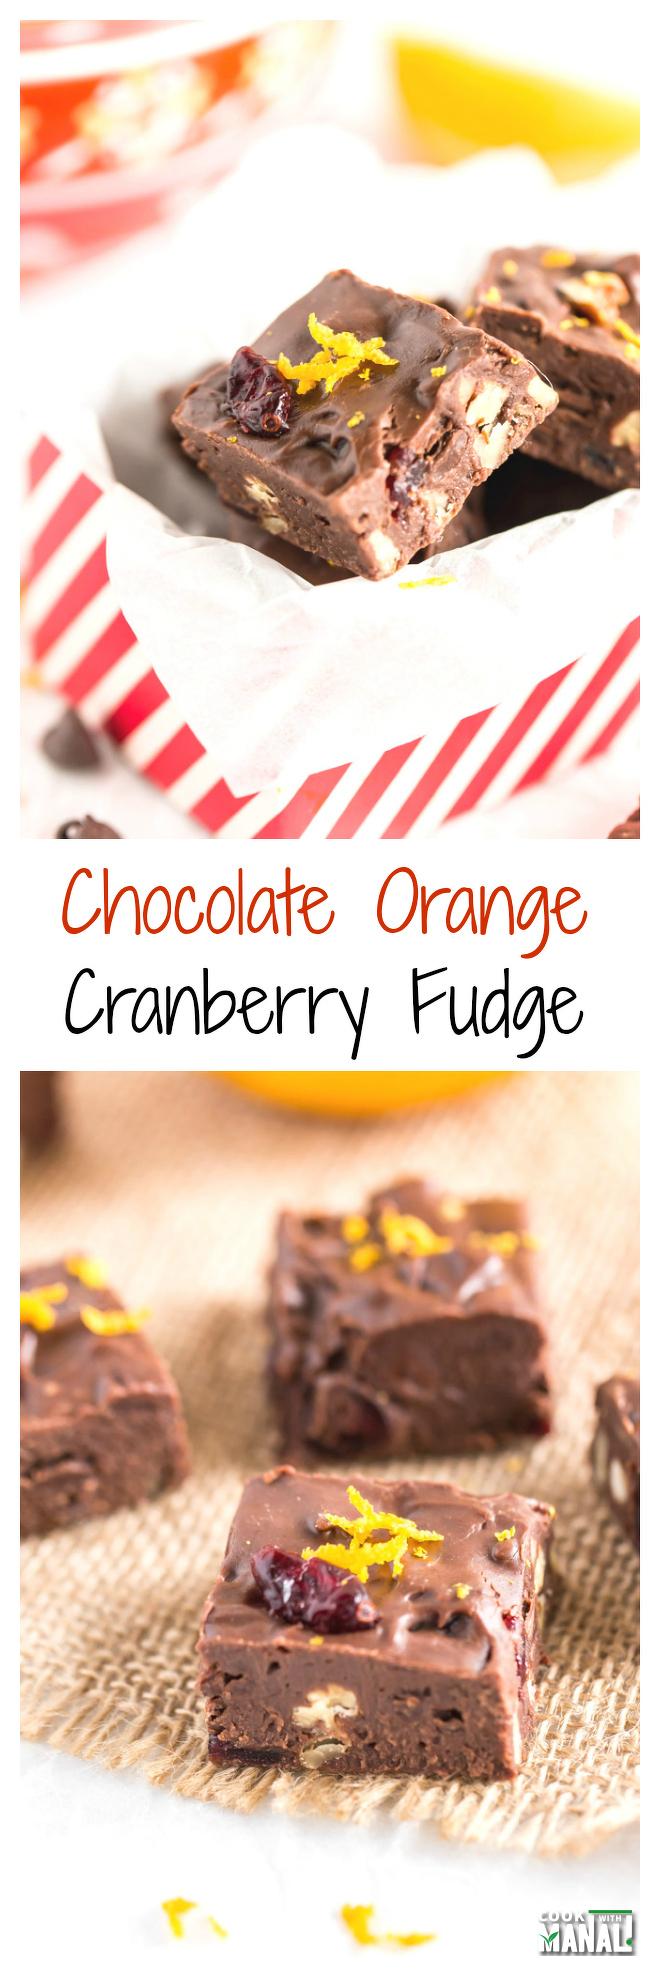 Chocolate Orange Cranberry Fudge Collage